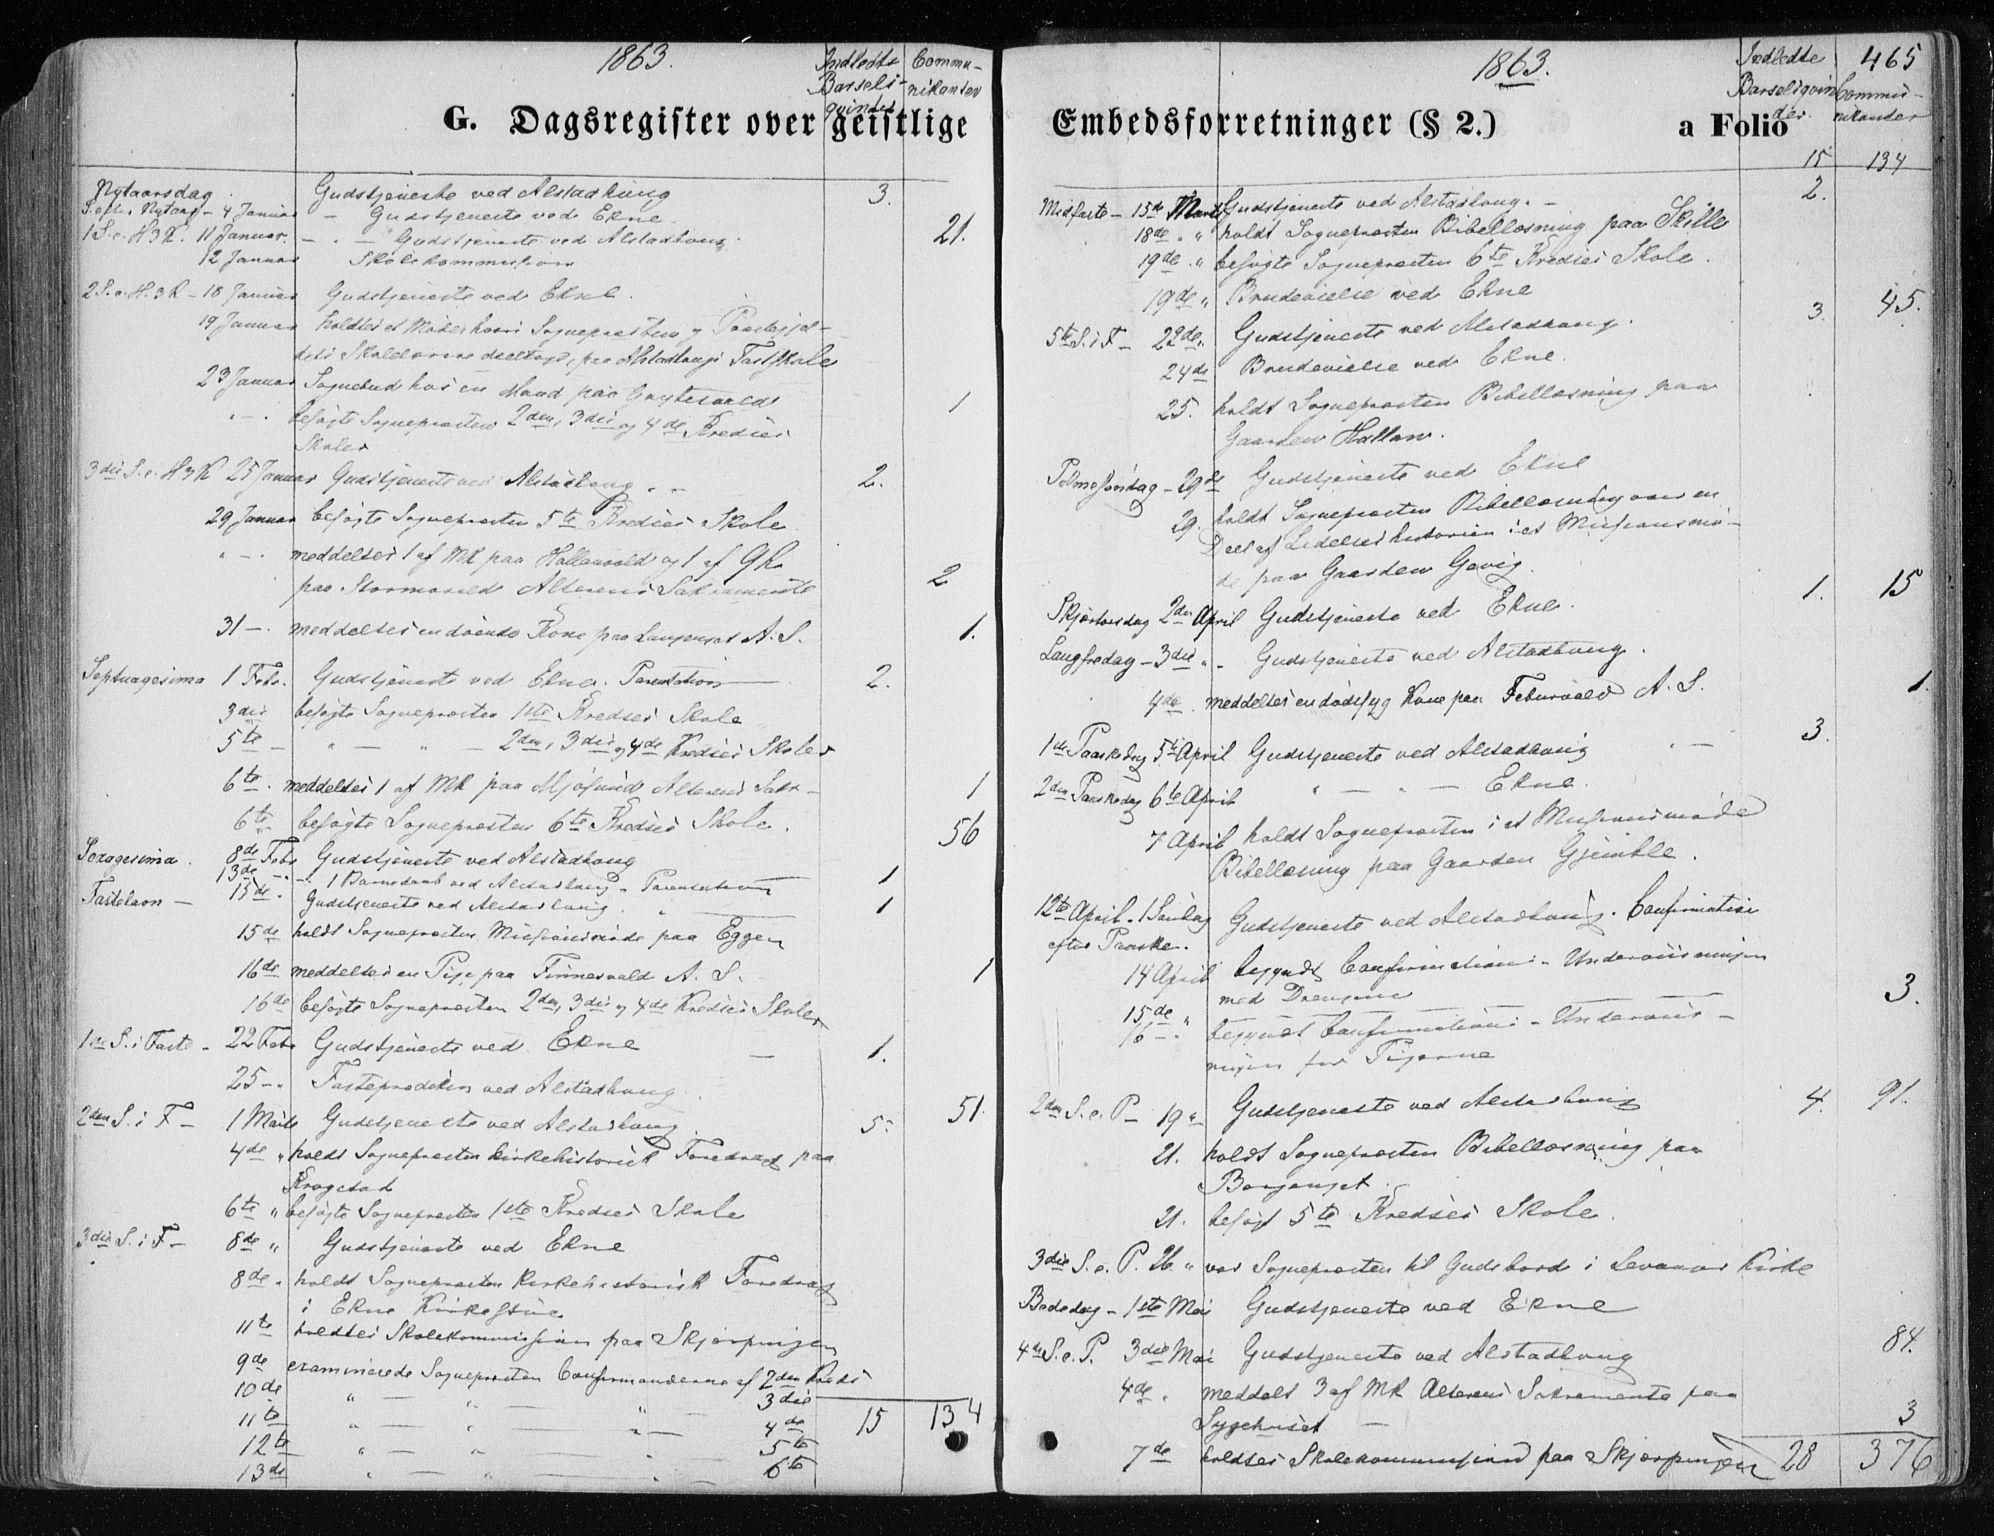 SAT, Ministerialprotokoller, klokkerbøker og fødselsregistre - Nord-Trøndelag, 717/L0157: Ministerialbok nr. 717A08 /1, 1863-1877, s. 465